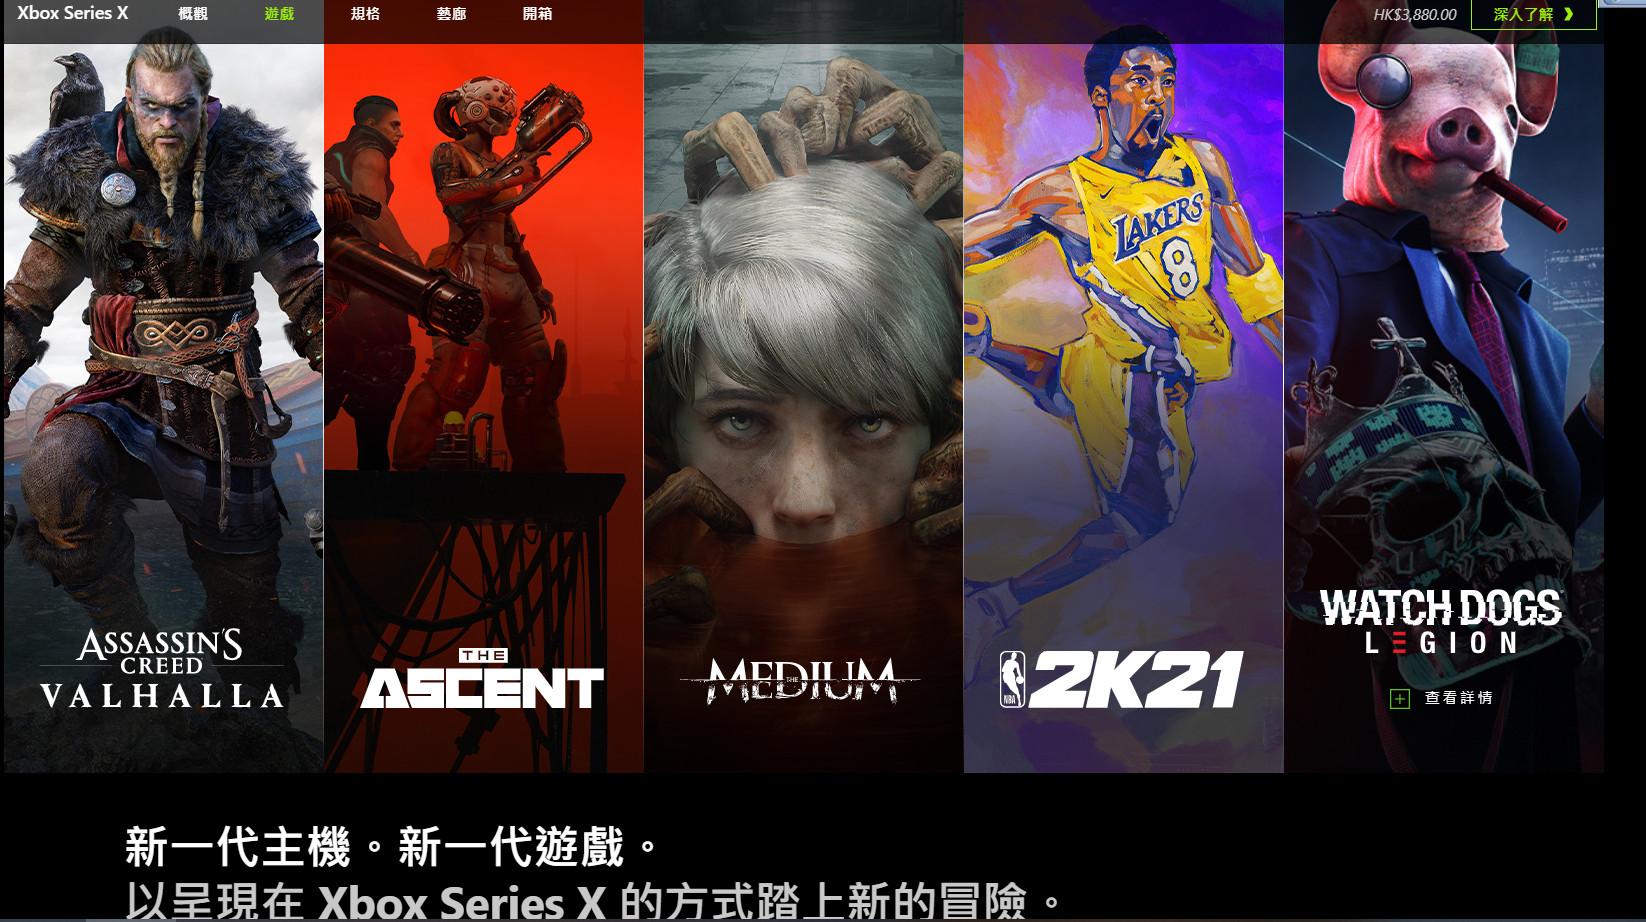 带你走进次世代!Xbox Series X/S中文官网翻新